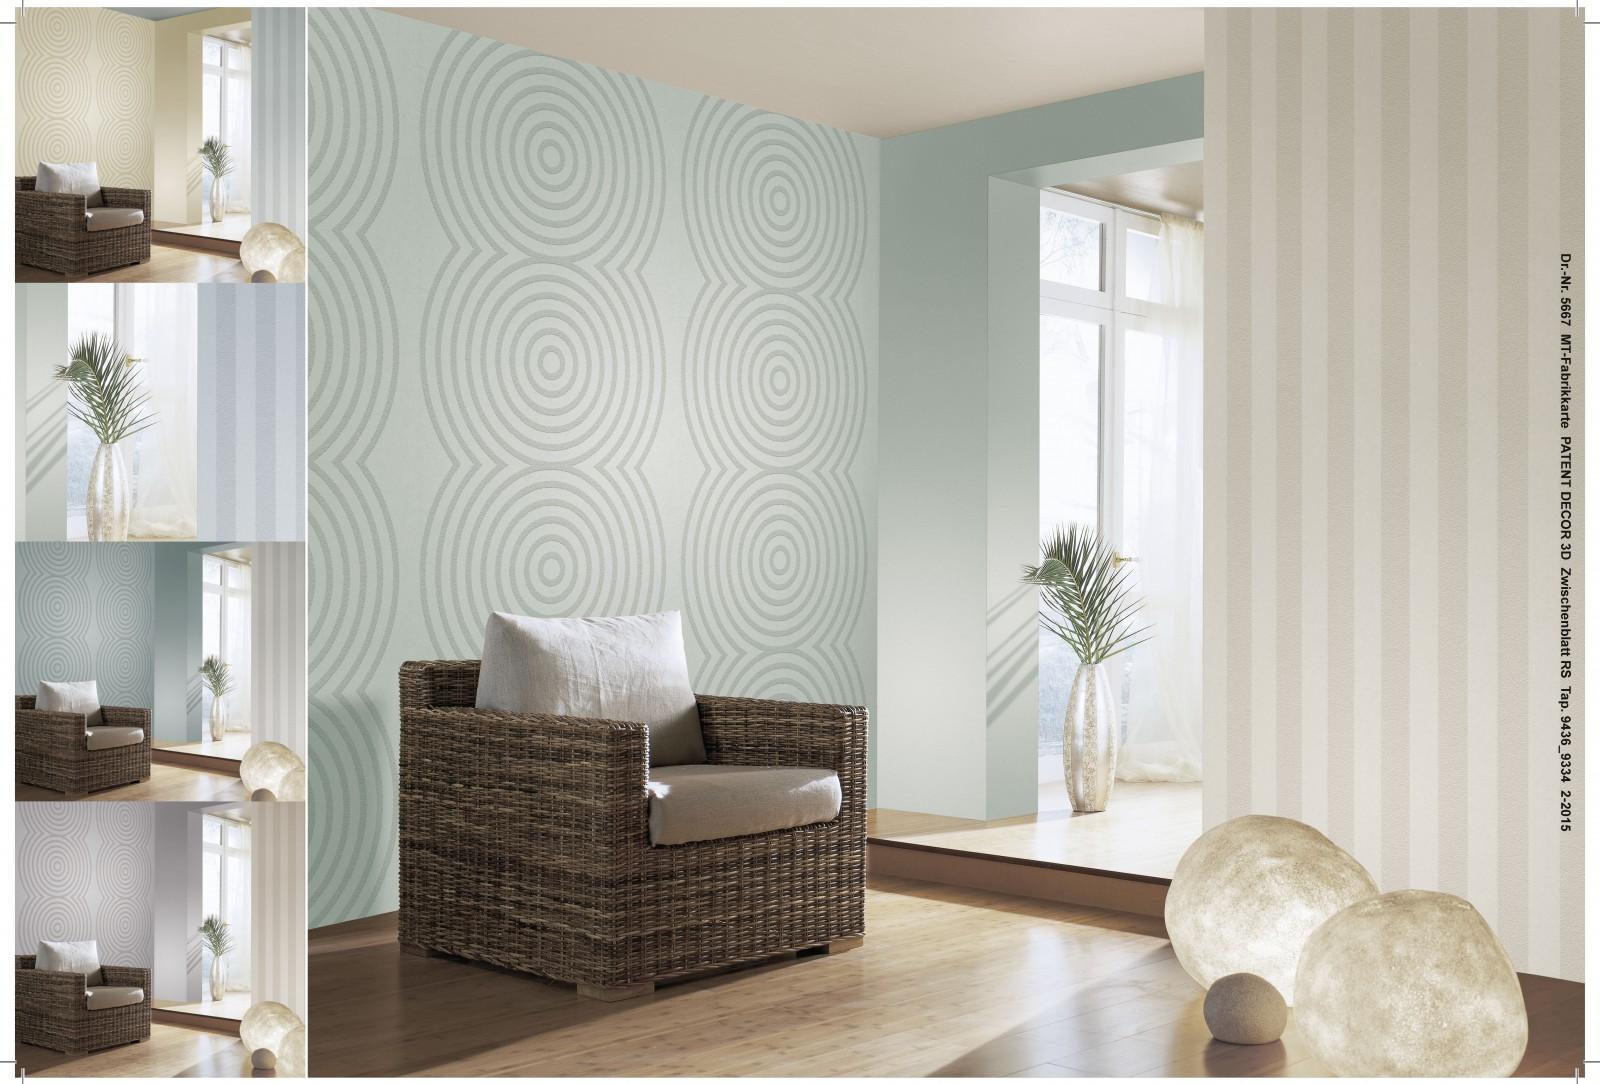 tapete vlies berstreichbar streifen wei patent decor 3d 9436. Black Bedroom Furniture Sets. Home Design Ideas